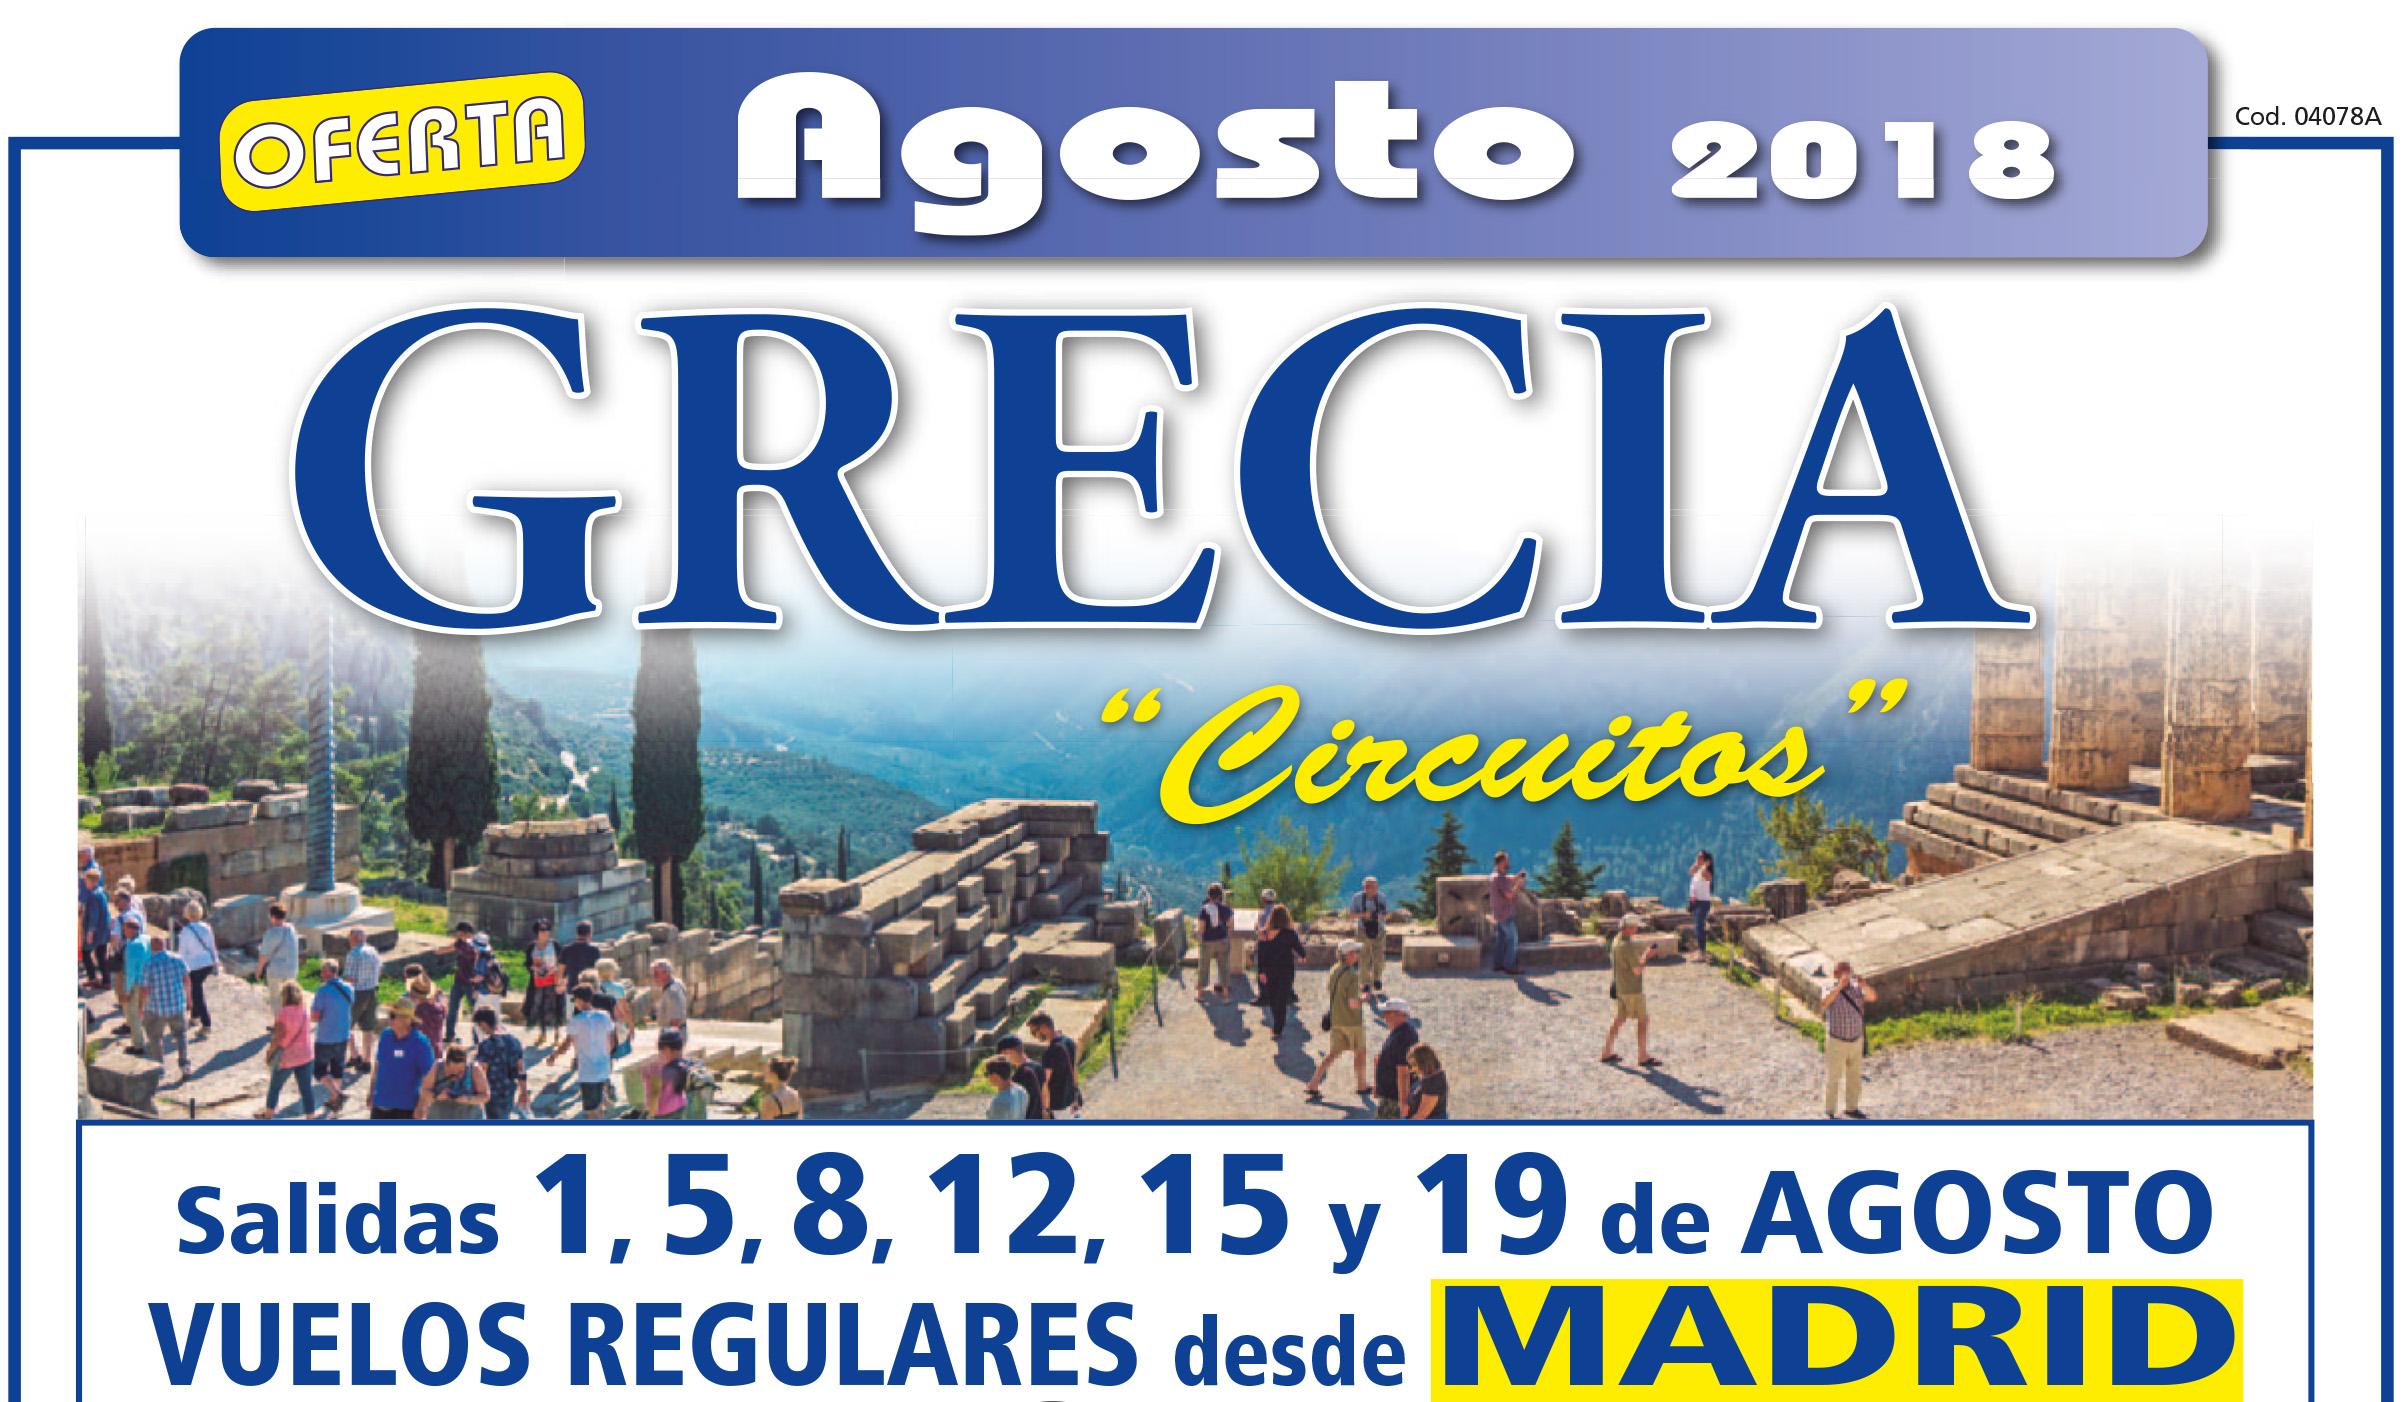 Oferta Circuito Grecia Agosto 2018.